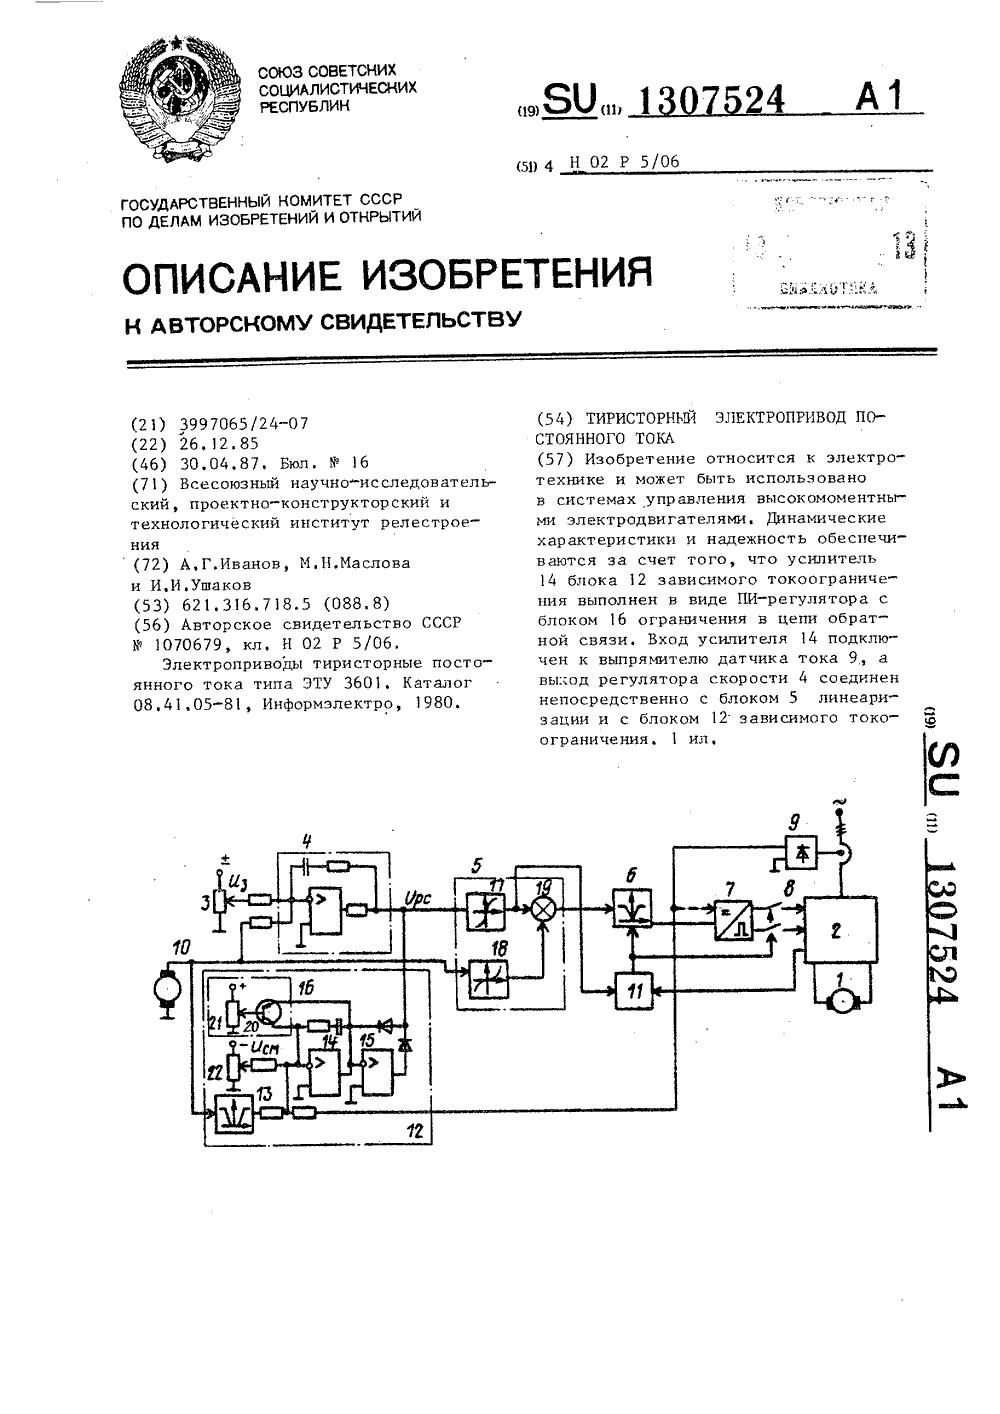 Тиристорные системы | эксплуатация крановых тиристорных электроприводов